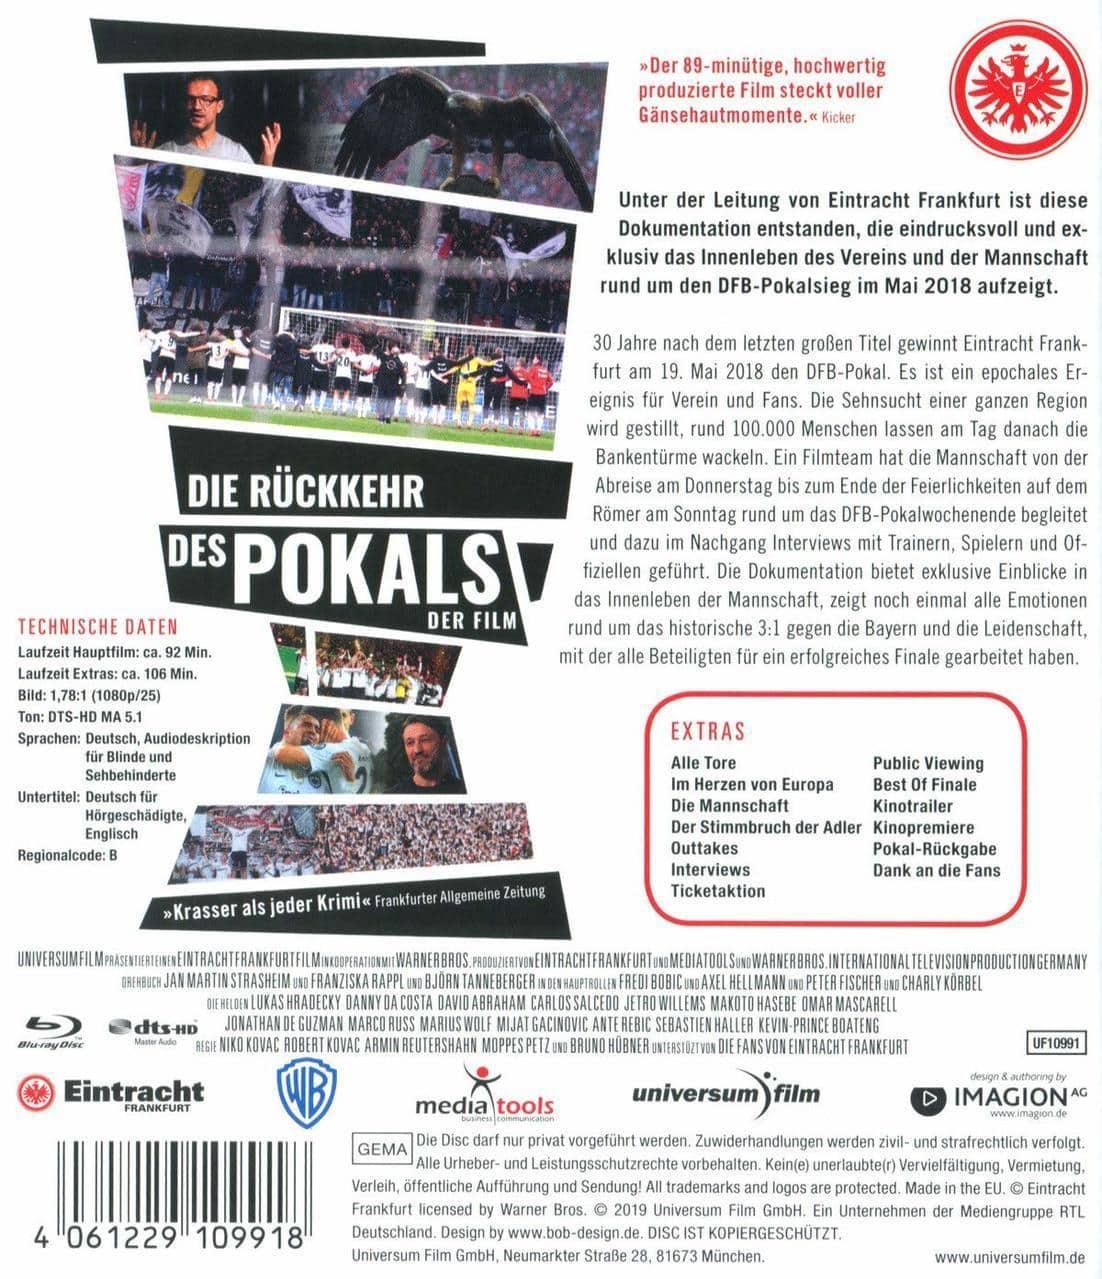 Die Rückkehr des Pokals - Der Film (BLU-RAY) für 19,99 Euro